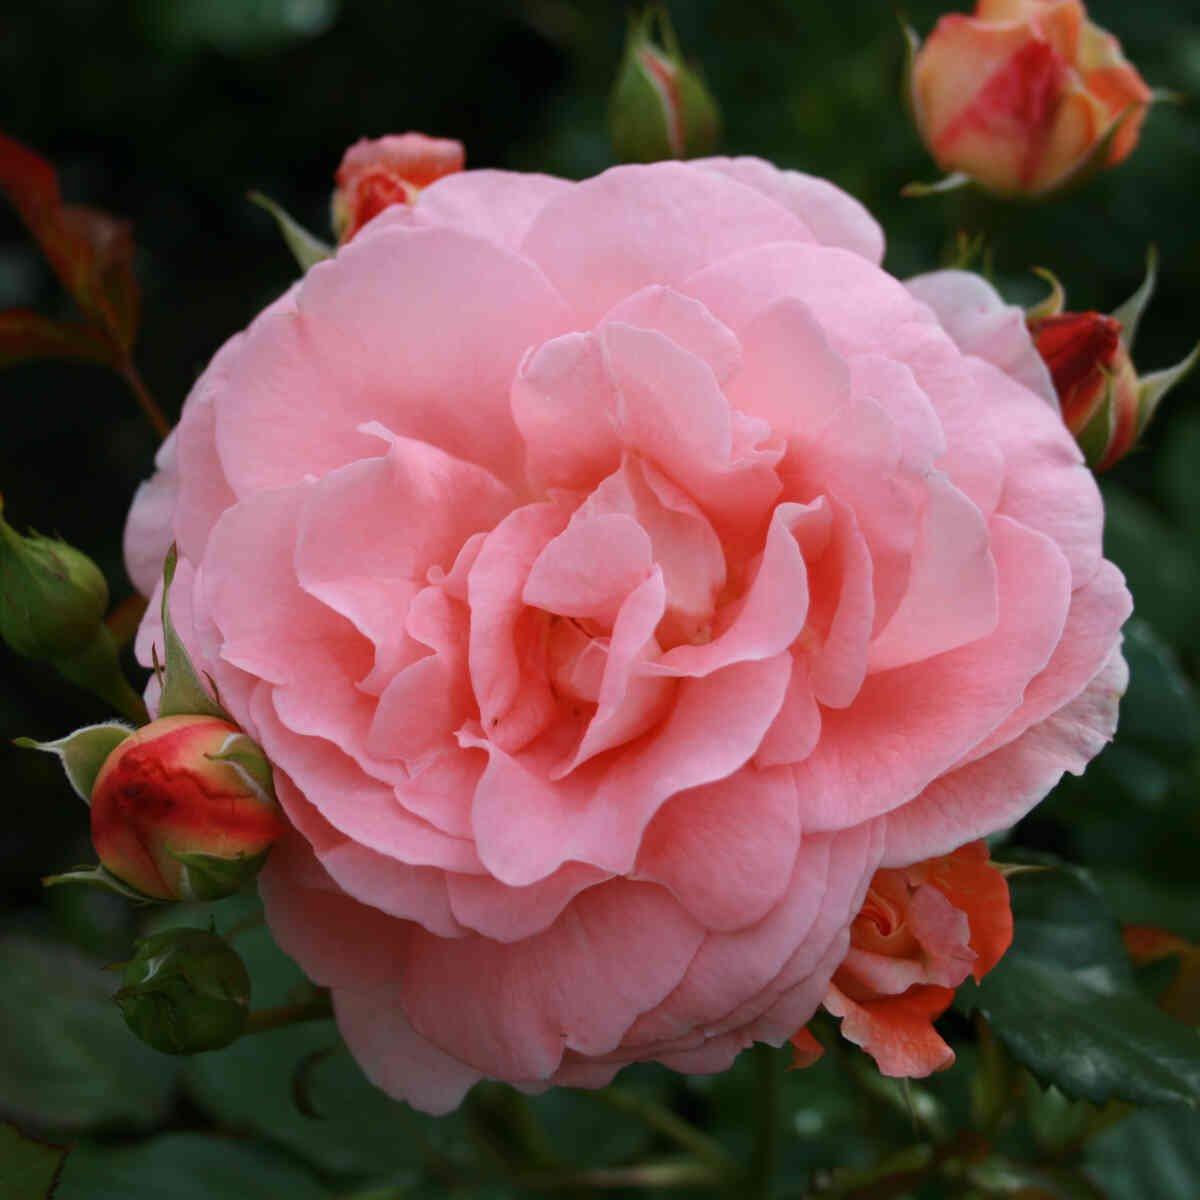 Stor blomst og knopper i Bonita renaissance